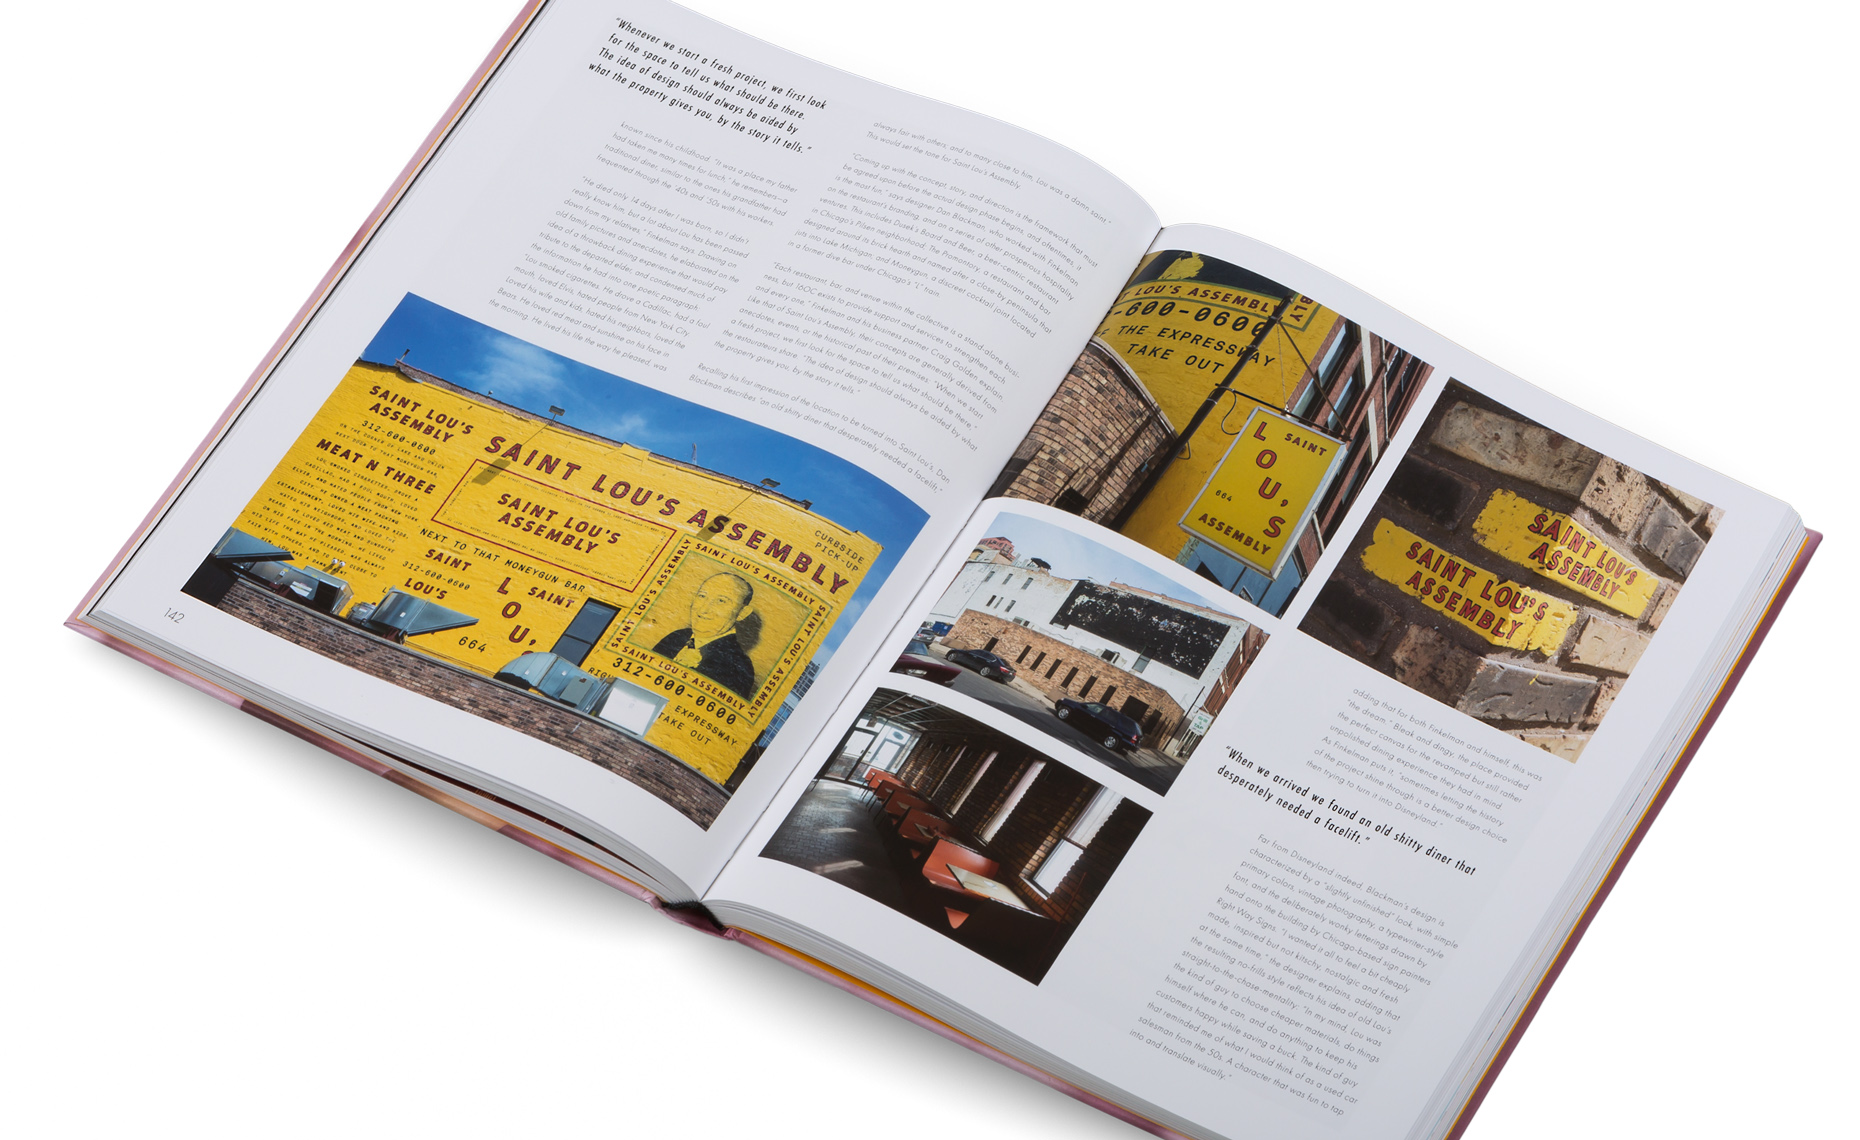 Upstart_graphicdesign_branding_book_logo_gestalten_inside_2000xkopie.jpg